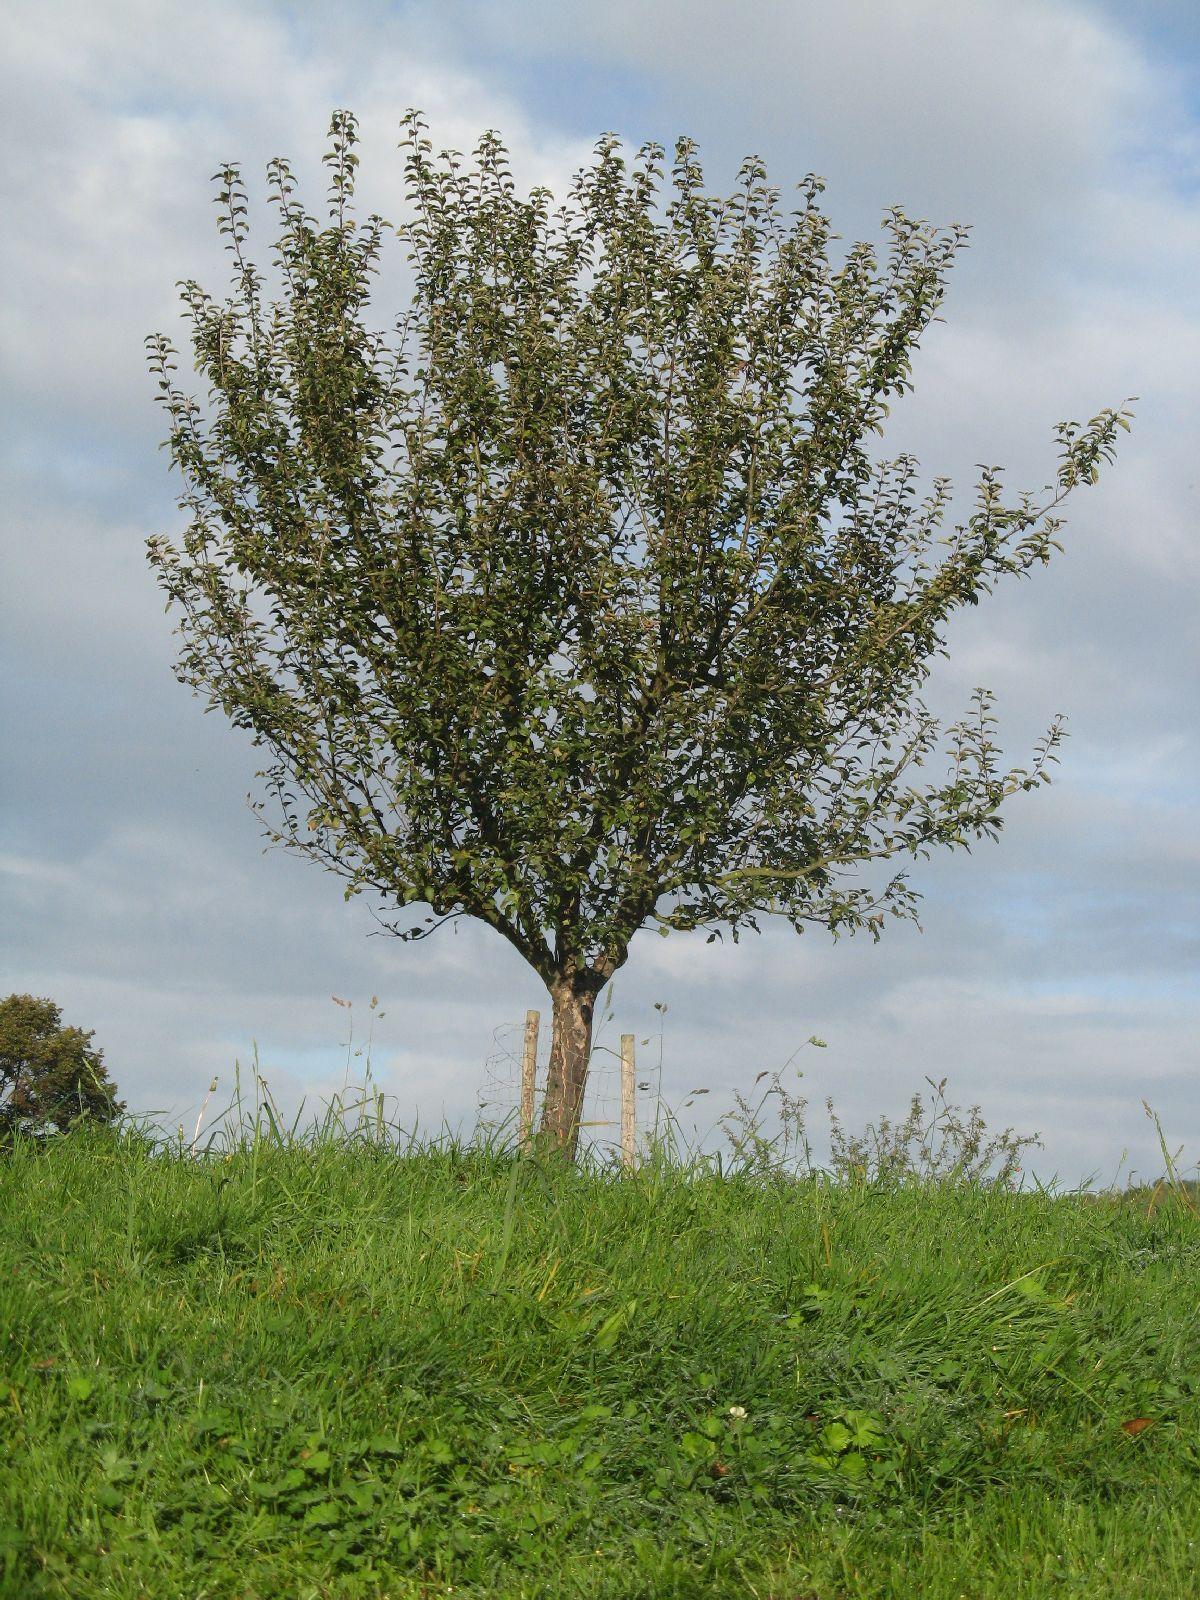 Pflanzen-Baum-Foto_Textur_B_3762